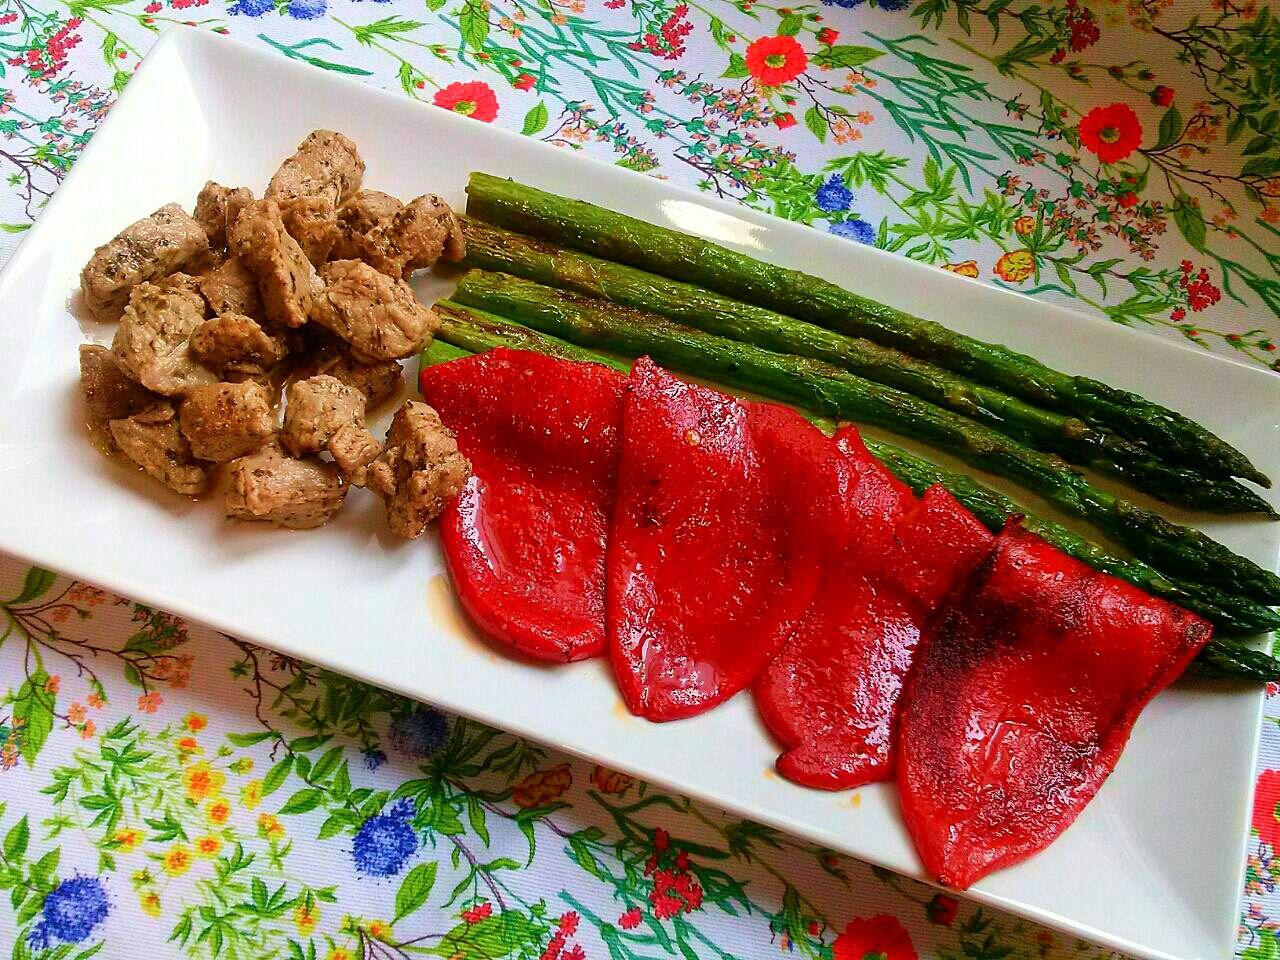 Picadillo de solomillo de cerdo con verduras a la plancha